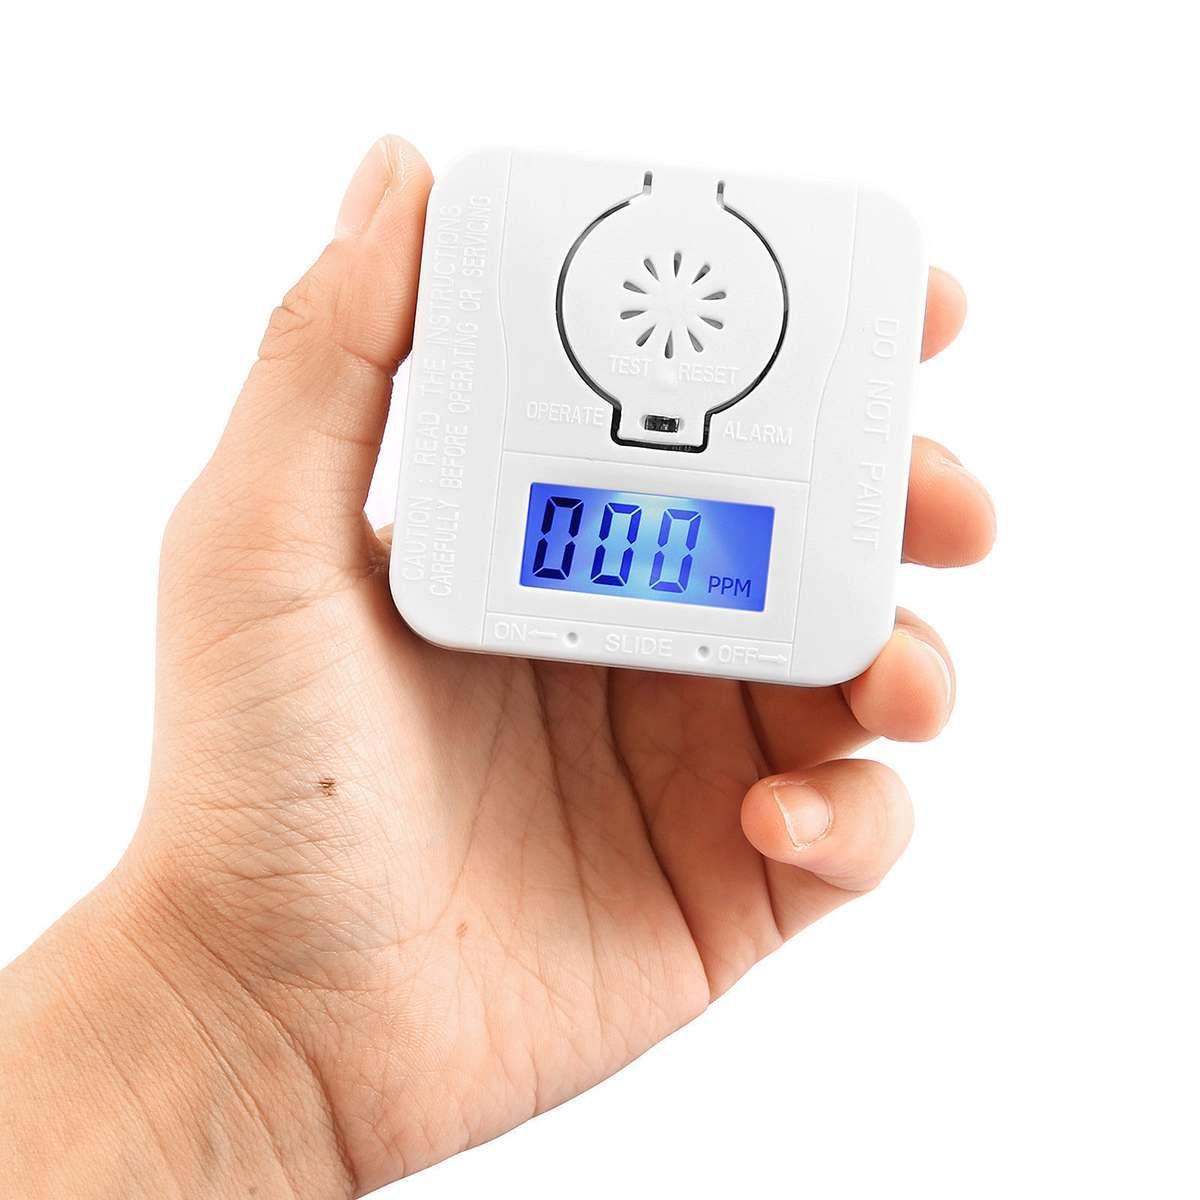 CO Kohlenmonoxid Rauchmelder Alarm Vergiftung Gas Warnung Sensor Sicherheit Vergiftung Alarm LCD Infrarot-lichtschranken